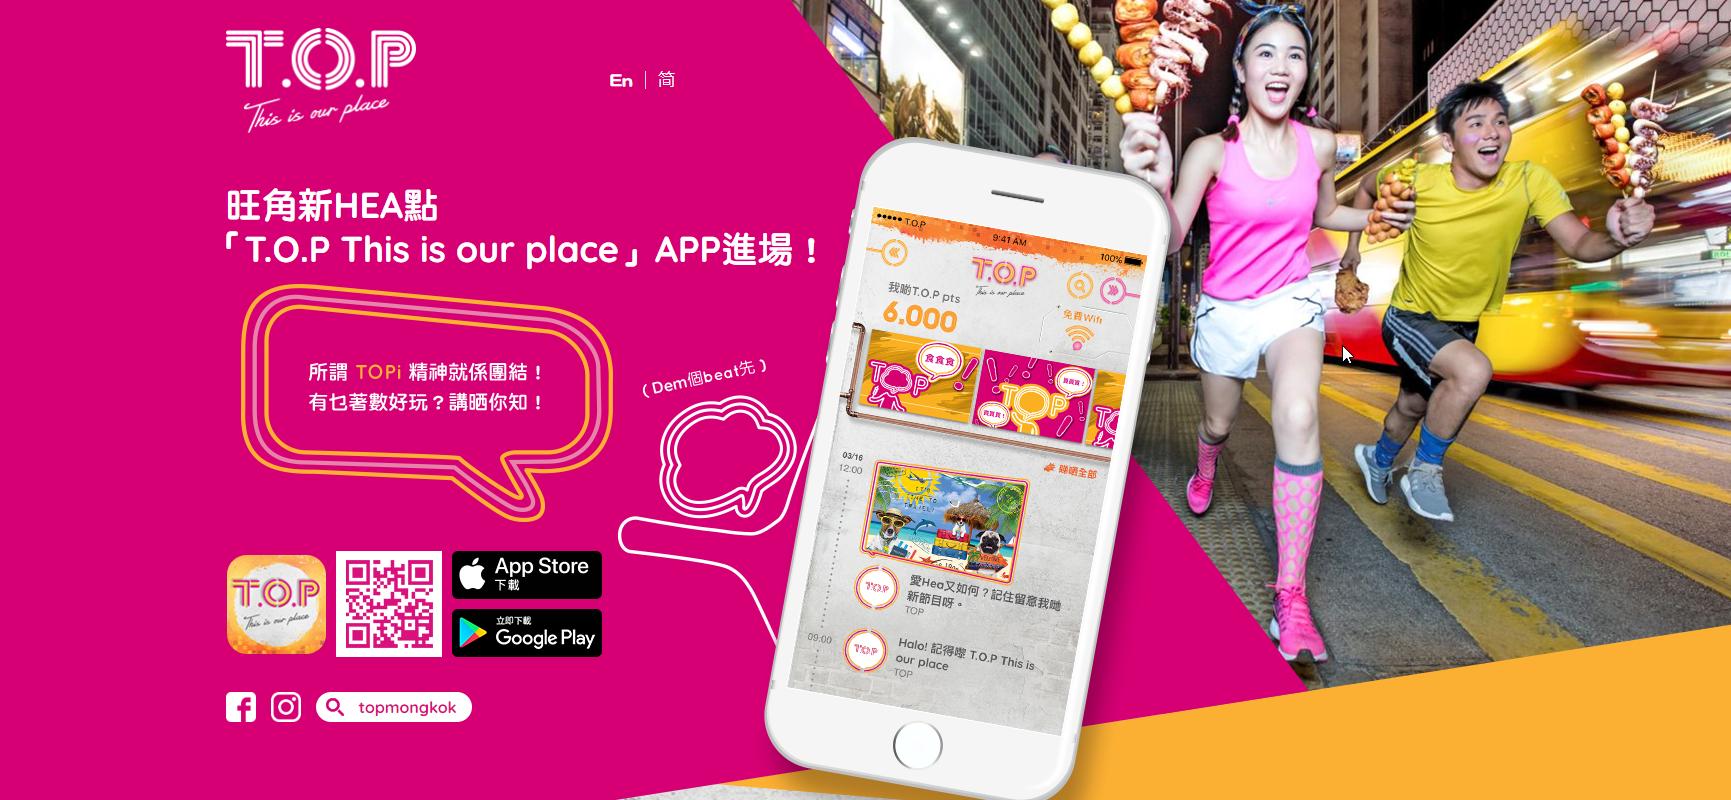 旺角T.O.P商場 :登記成為 TOPi 會員 參加壽星抽獎